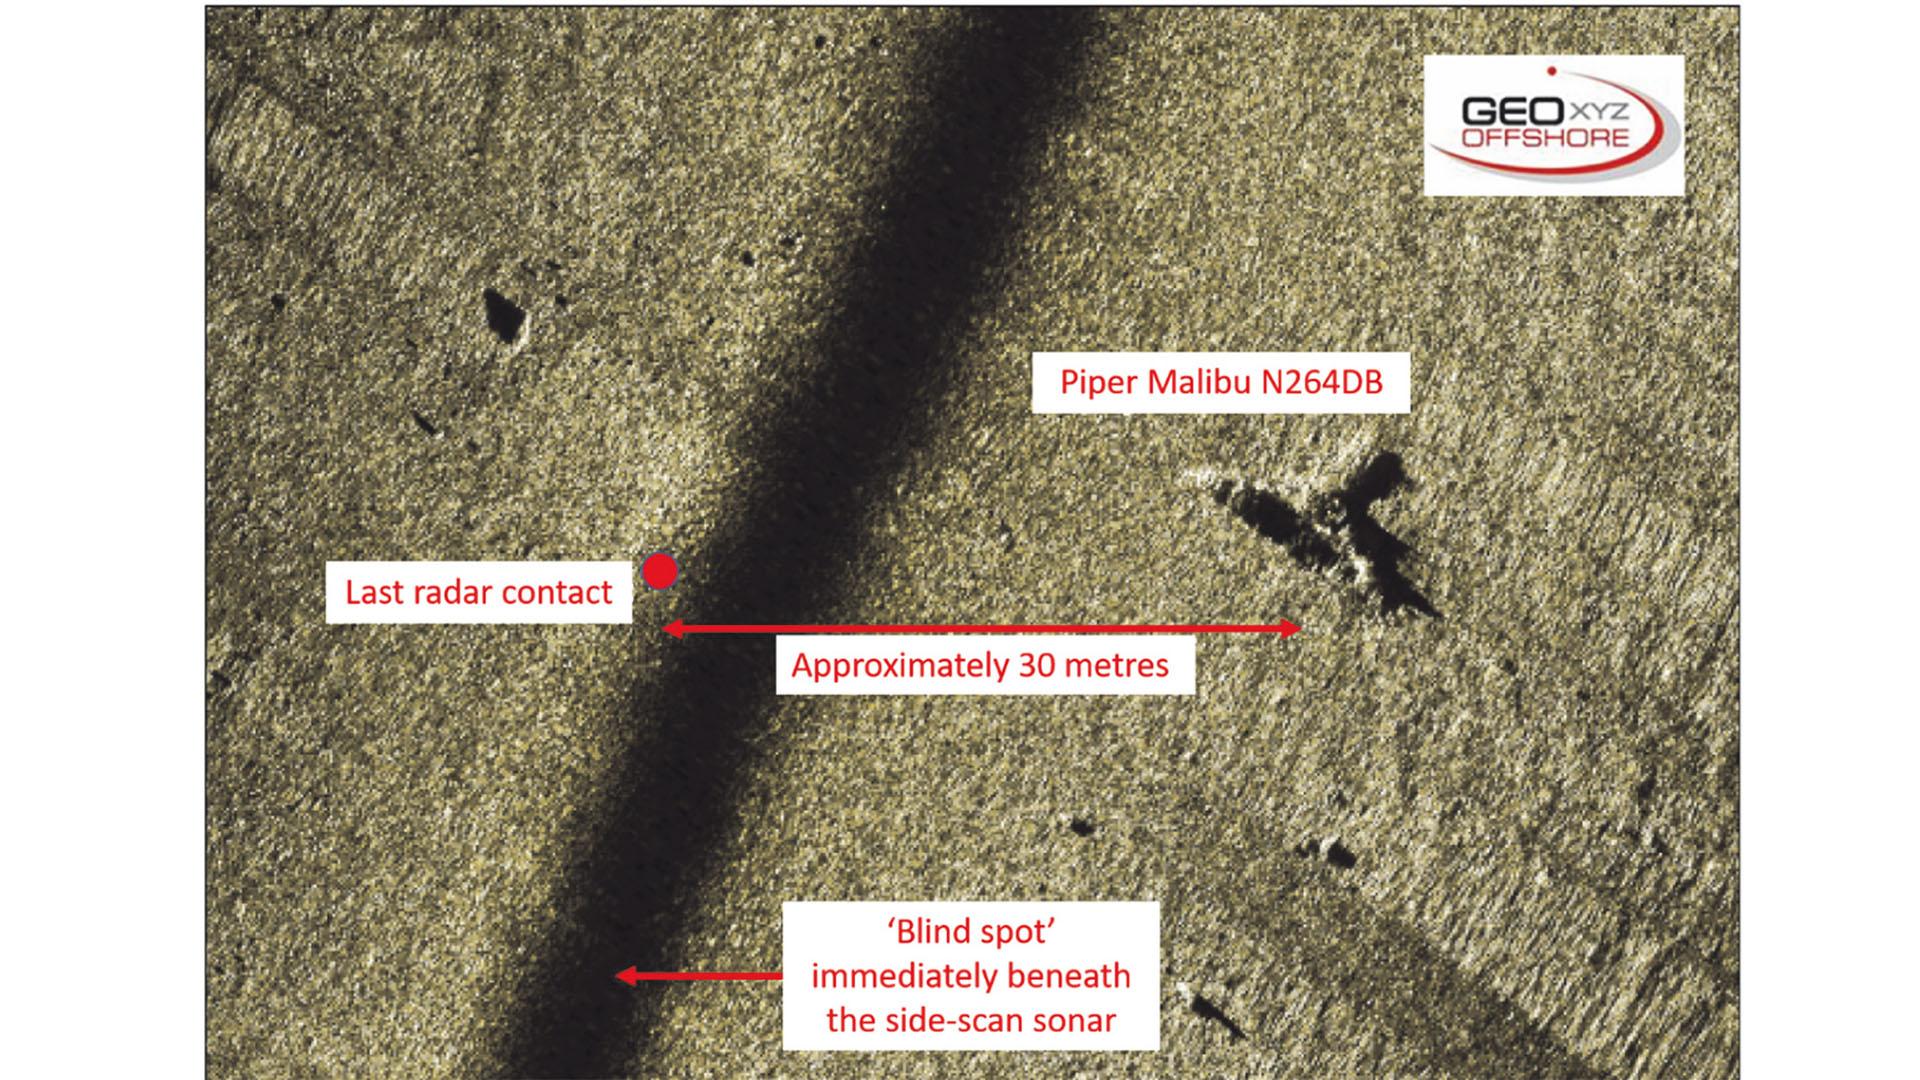 Imagen de sonar de barrido lateral N264DB